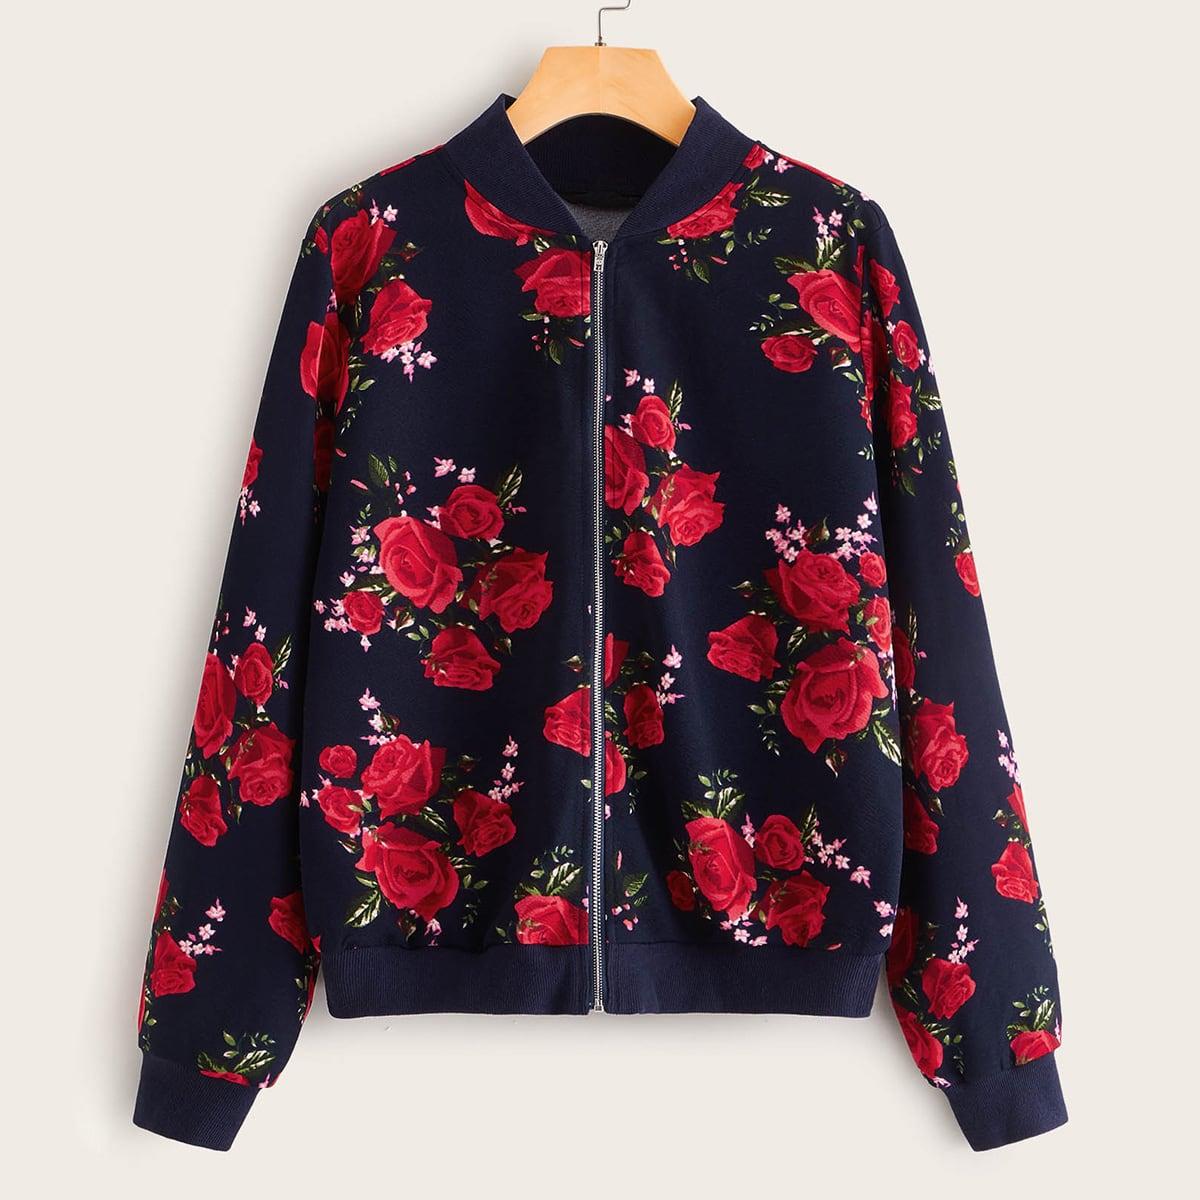 SHEIN / Jacke mit Rose Muster und Reißverschluss